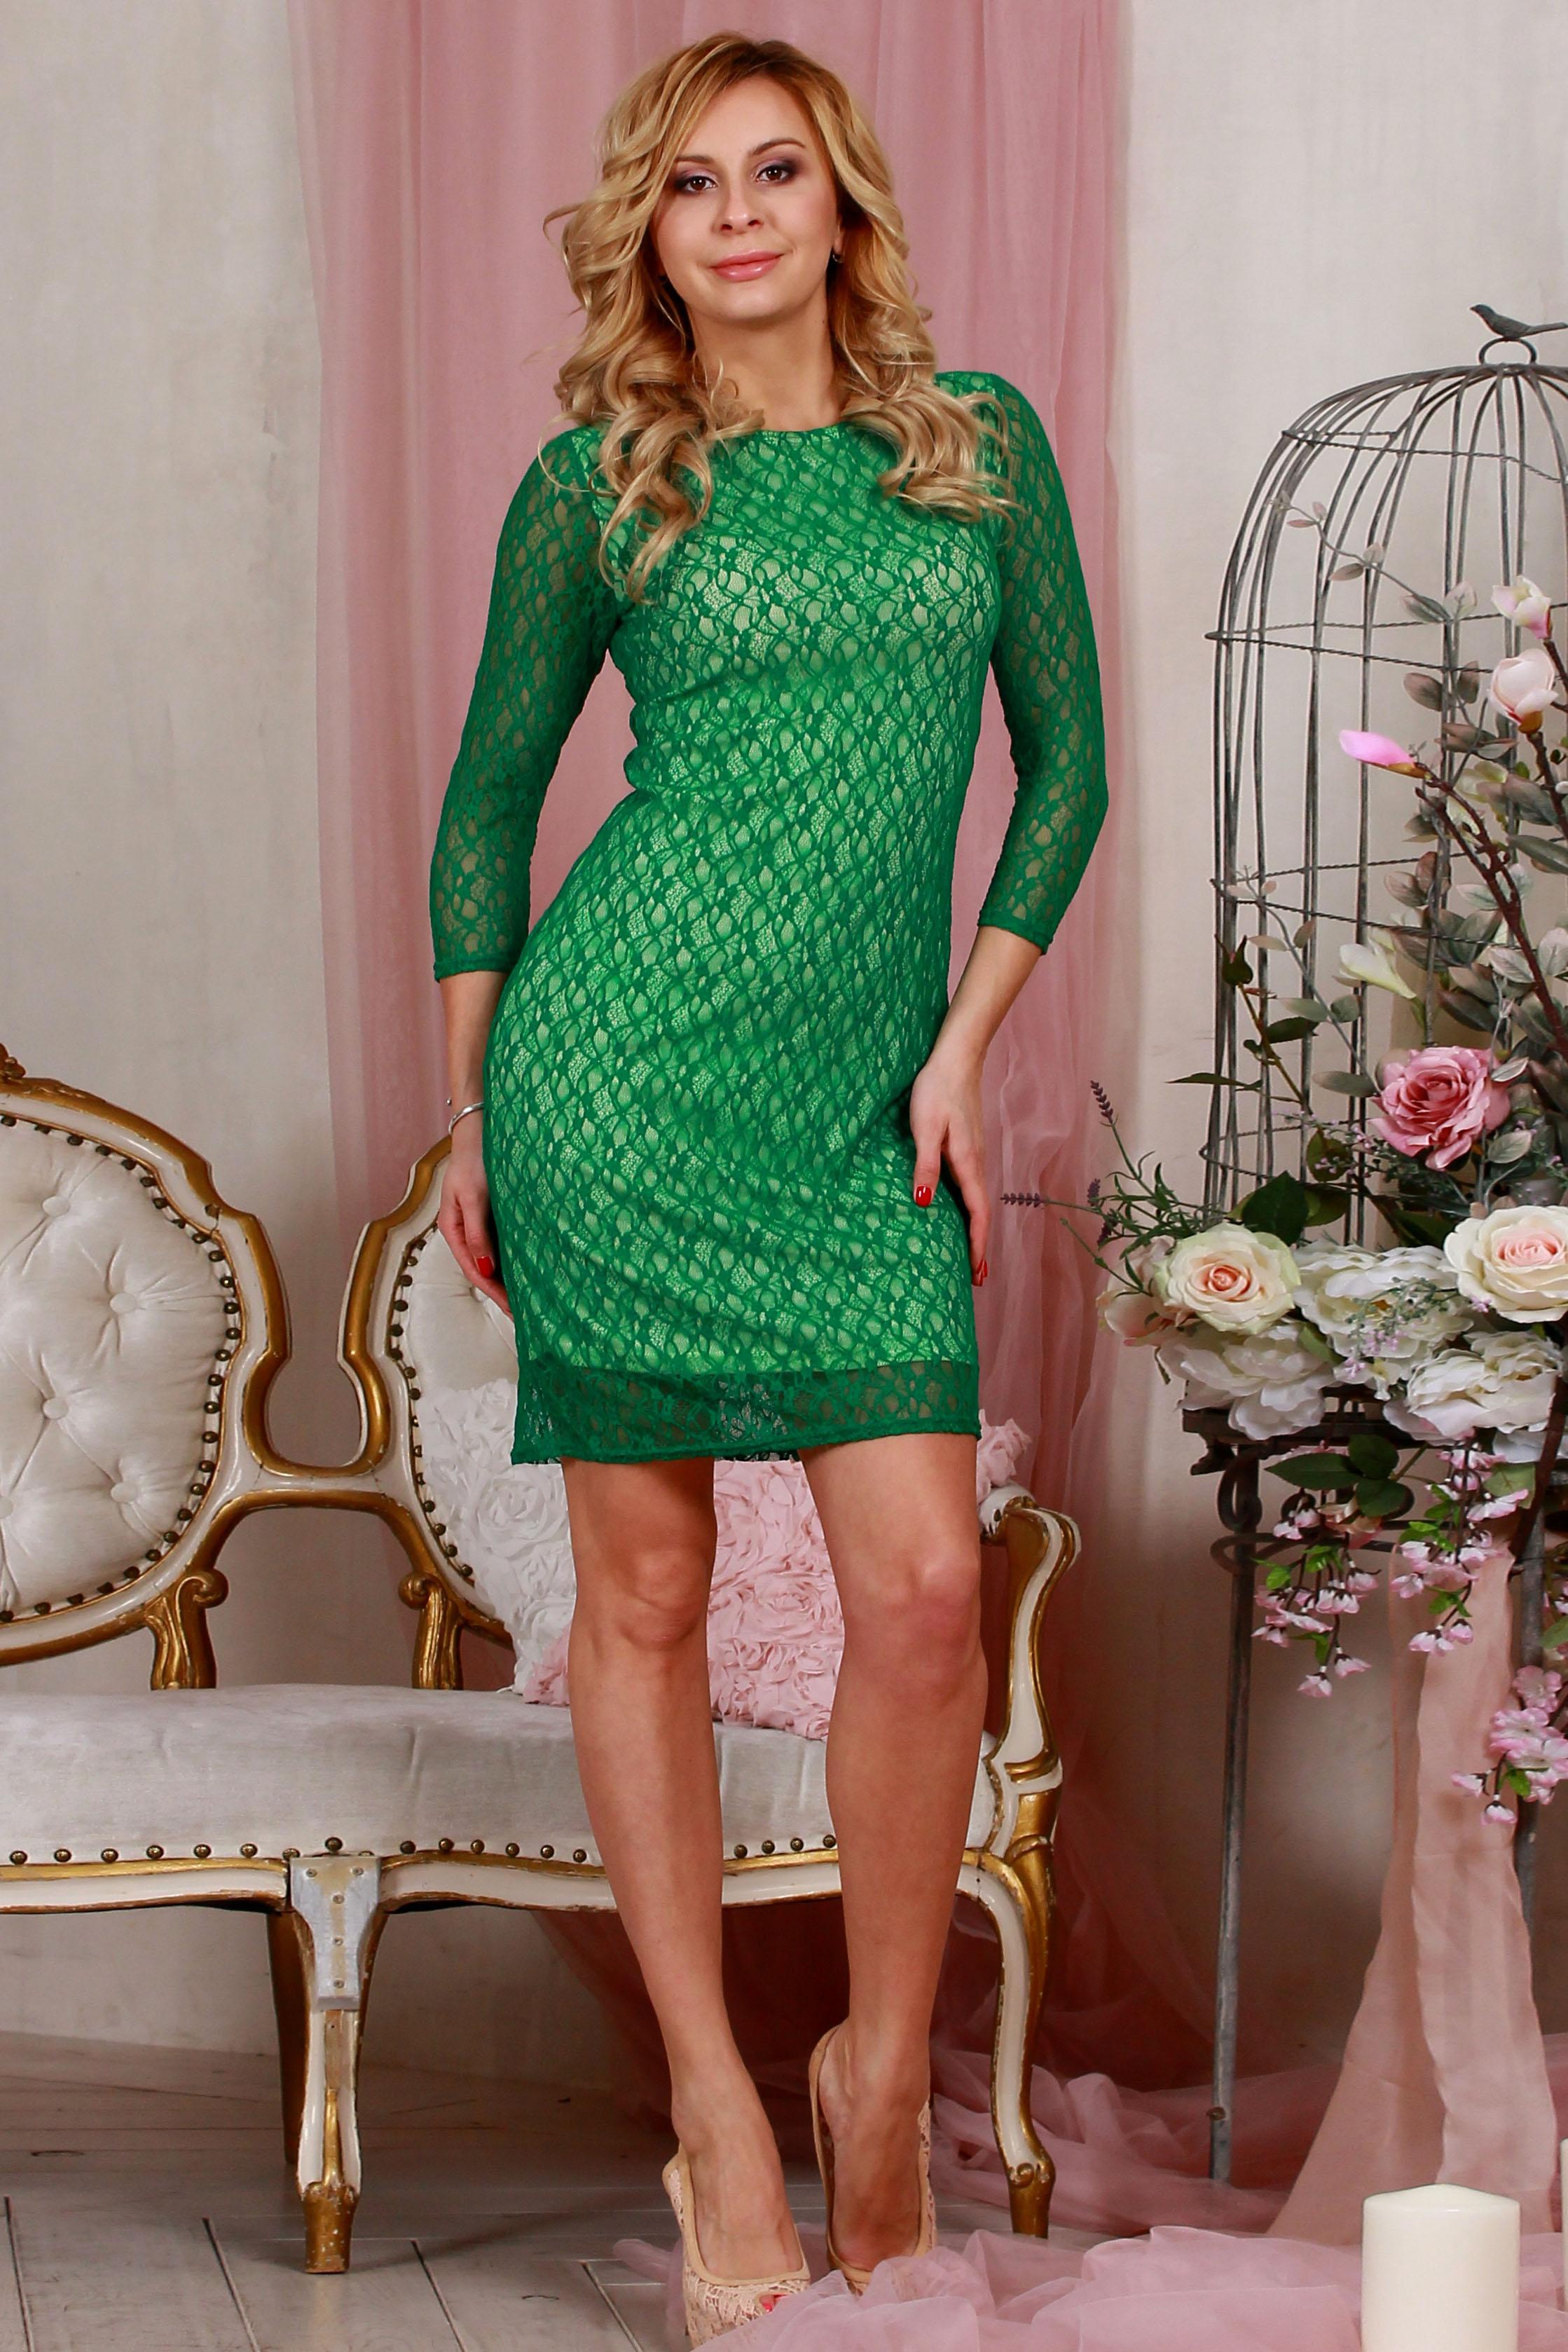 ПлатьеПлатья<br>Элегантное платье из  гипюра на подкладке прилегающего силуэта, рукав втачной, 3/4.   Длина изделия от 91 см до 103 см , в зависимости от размера  Цвет: зеленый  Рост девушки-фотомодели 175 см<br><br>Горловина: С- горловина<br>По длине: До колена<br>По материалу: Вискоза,Гипюр<br>По рисунку: Однотонные,Фактурный рисунок<br>По сезону: Весна,Зима,Лето,Осень,Всесезон<br>По силуэту: Приталенные<br>По стилю: Нарядный стиль,Вечерний стиль<br>По форме: Платье - футляр<br>Рукав: Рукав три четверти<br>Размер : 42,44,46,52<br>Материал: Гипюр<br>Количество в наличии: 4